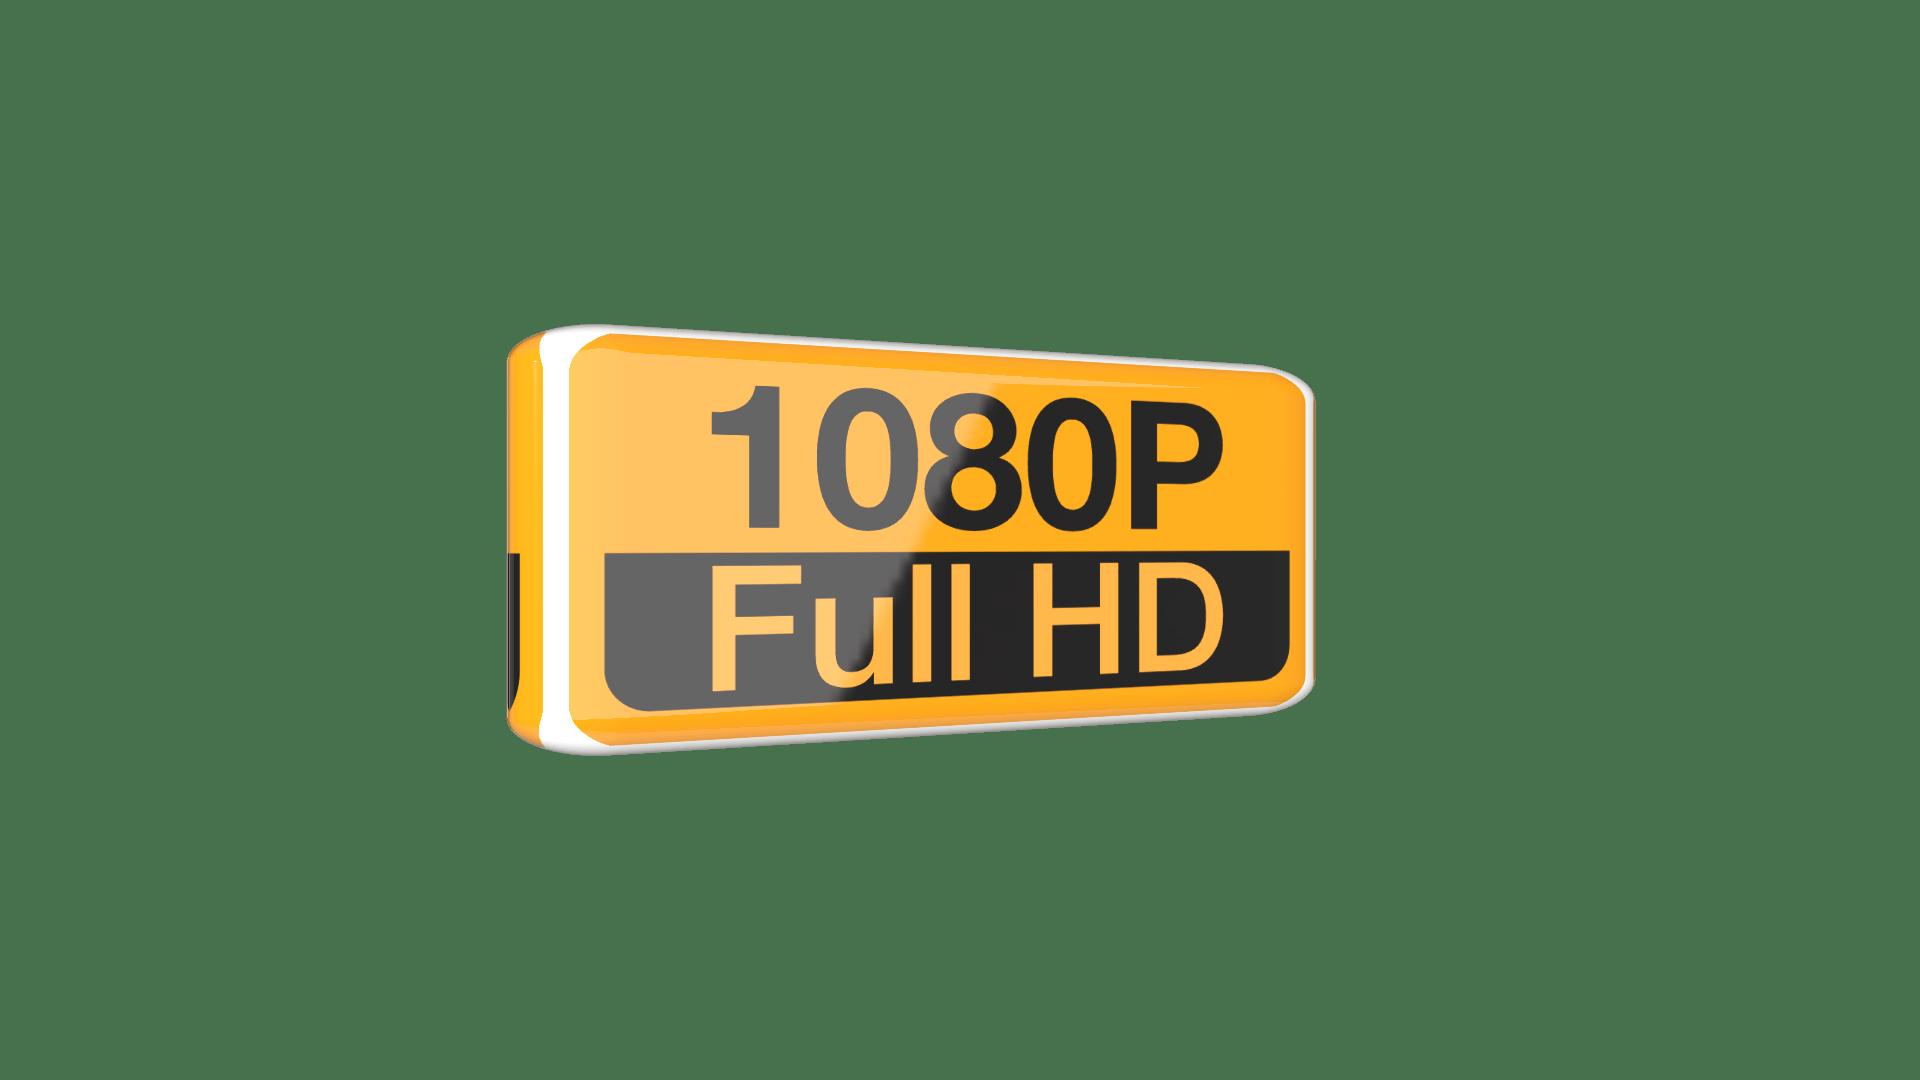 1080p full HD png